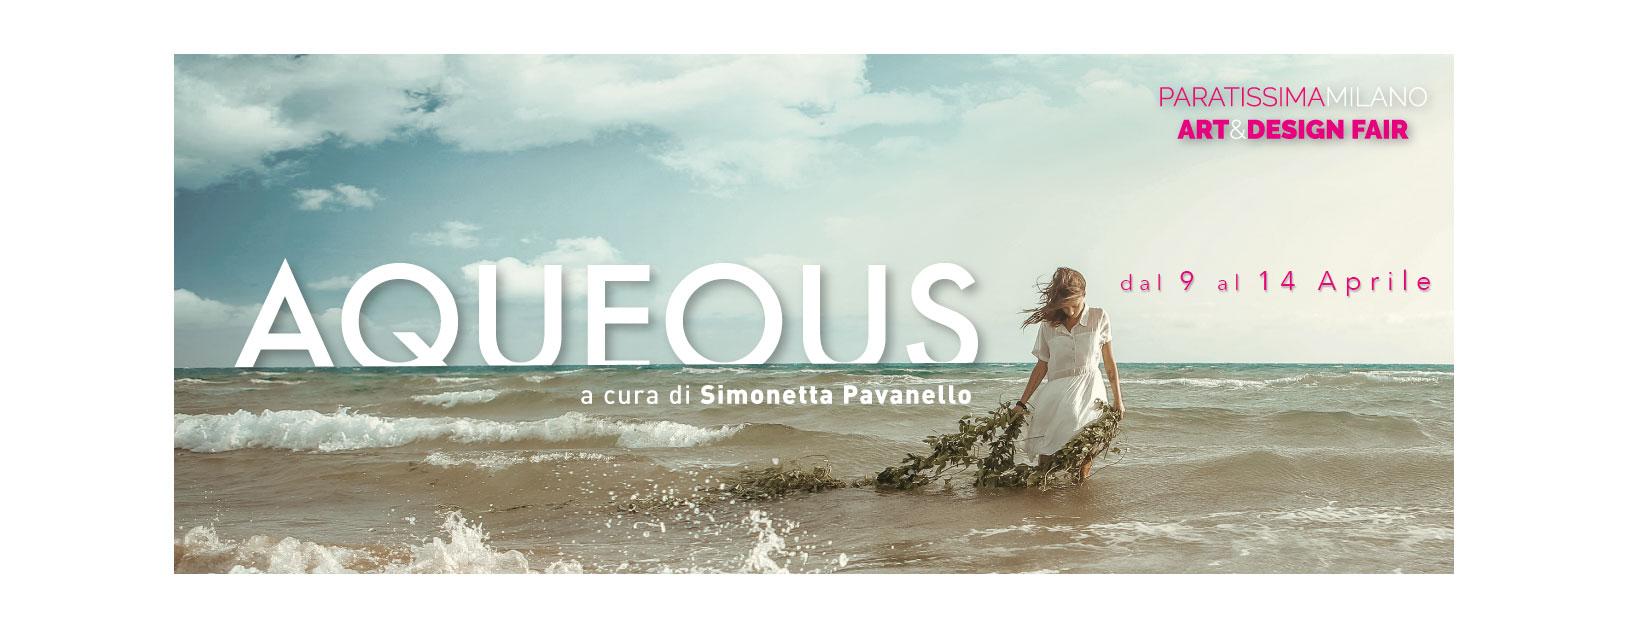 acqueous_paratissima-milano